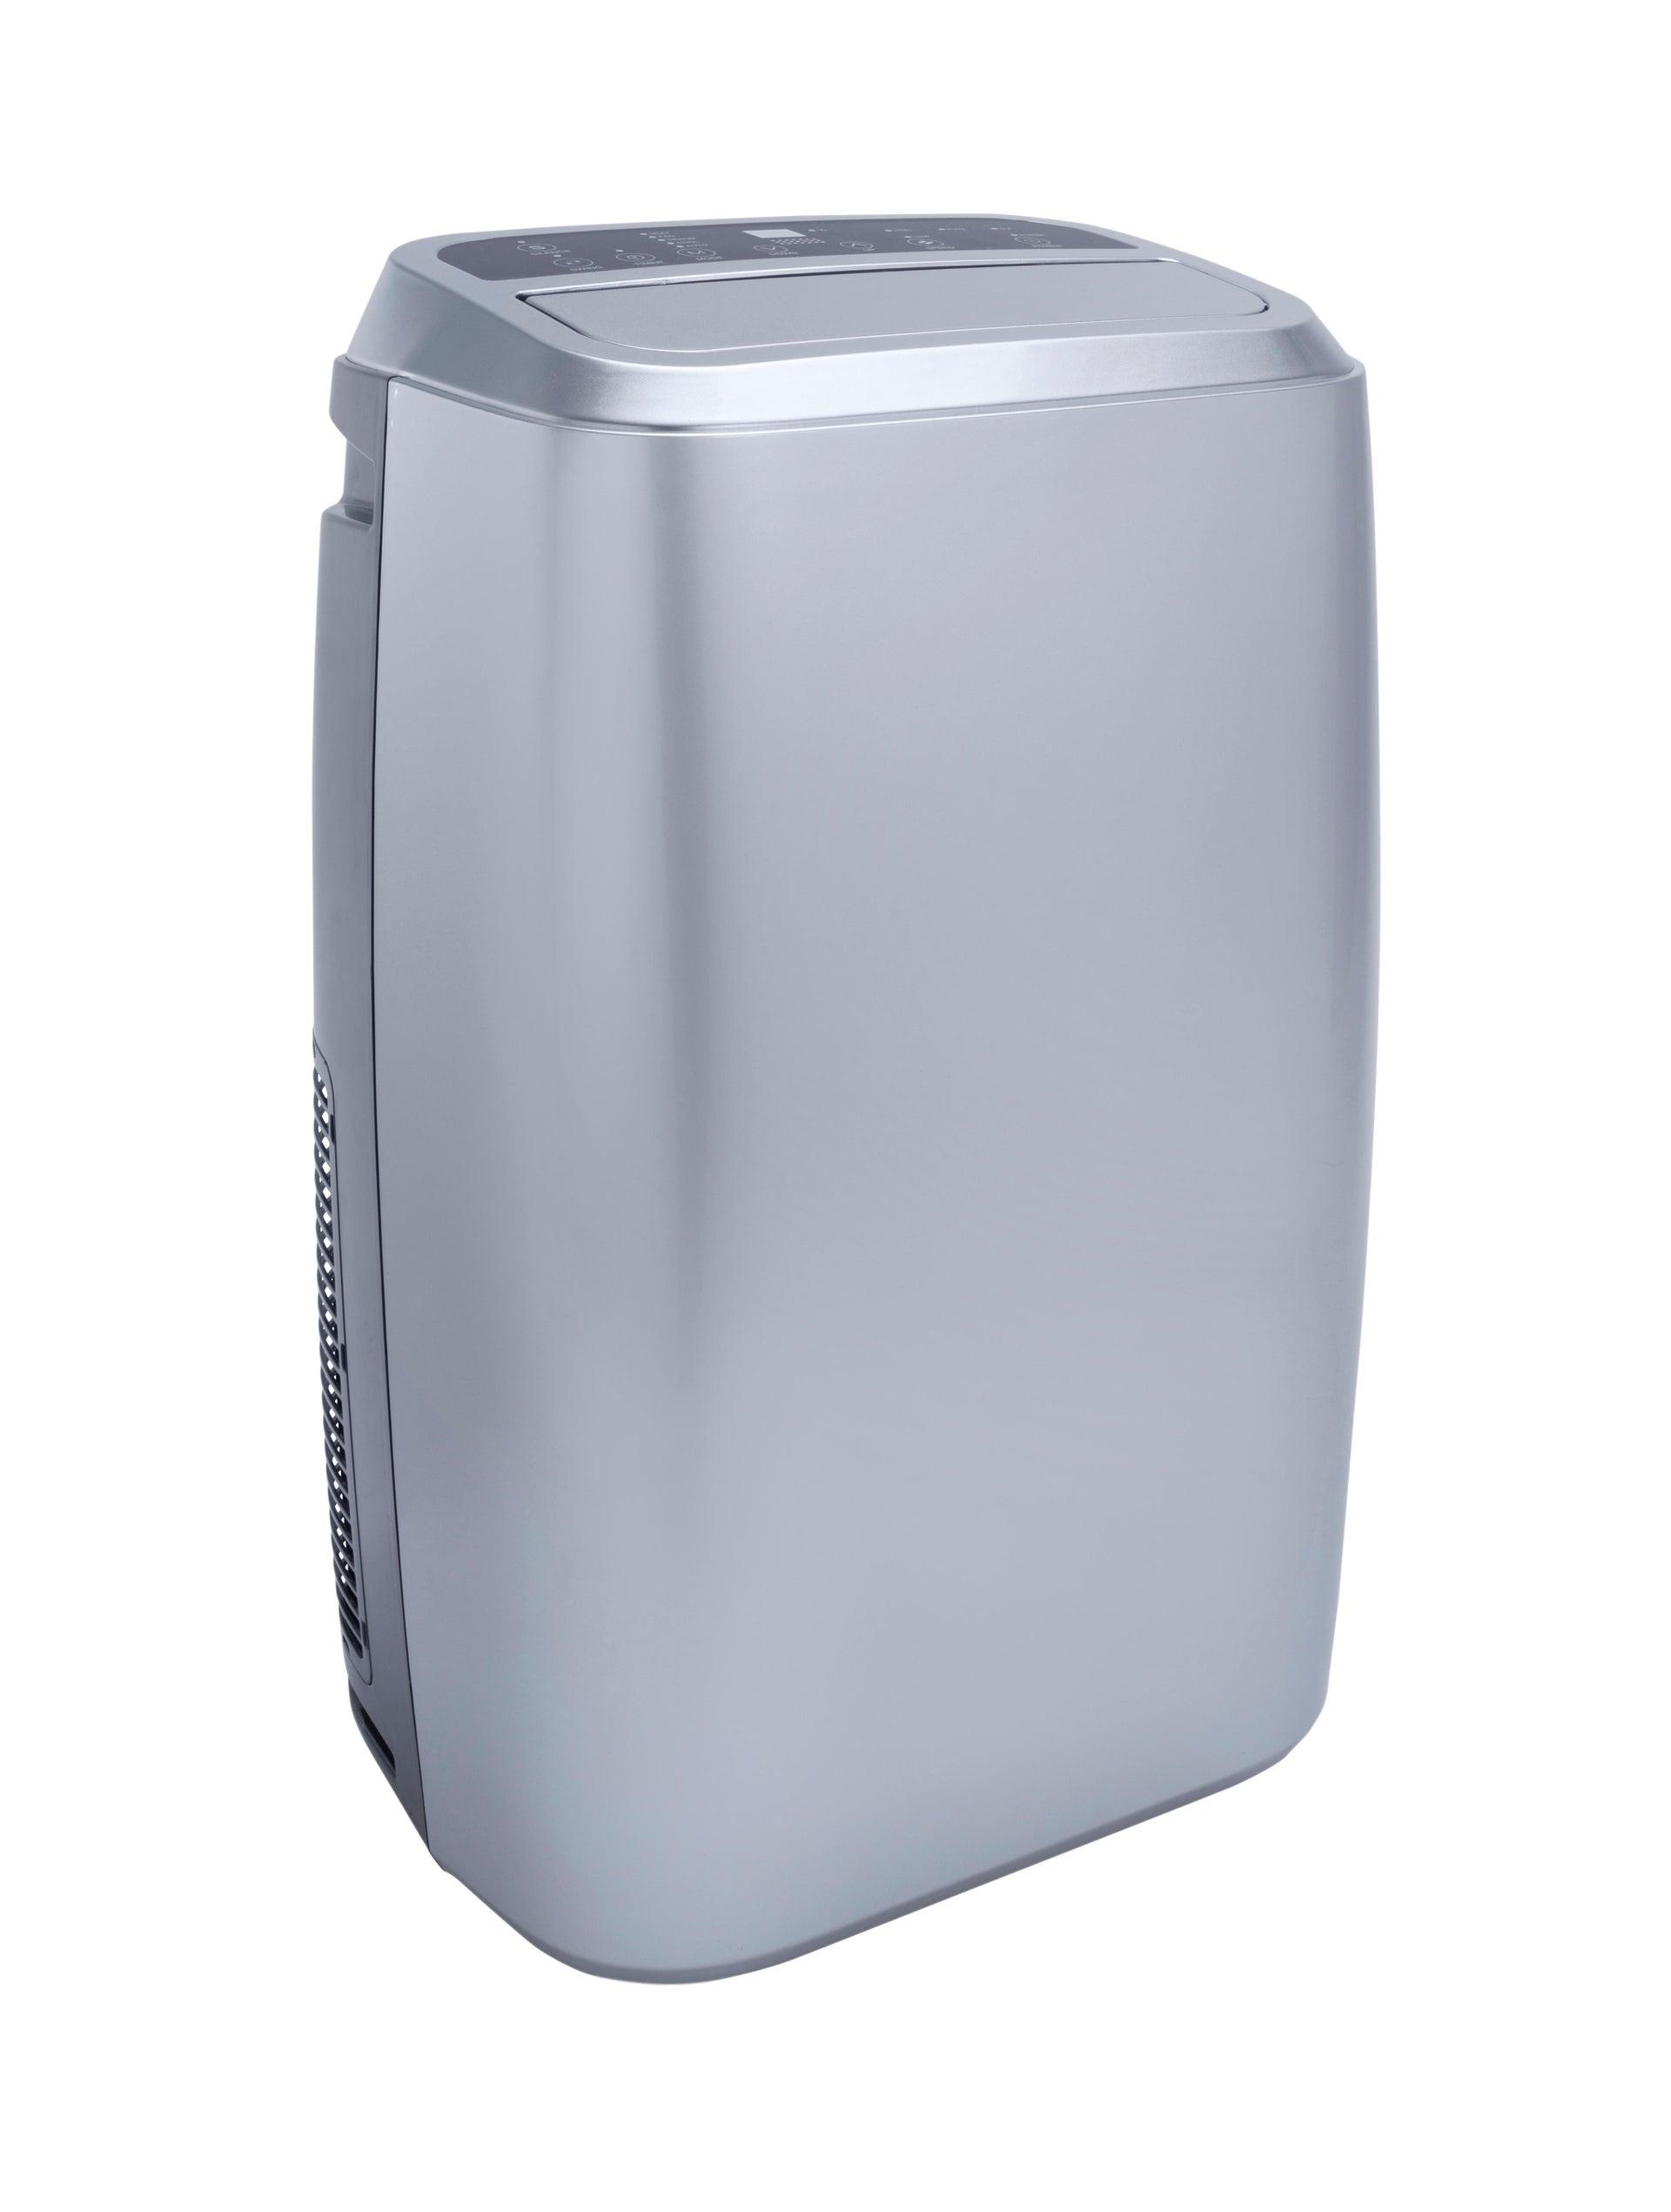 Condizionatore portatile EQUATION Top 2 14000 BTU - 1